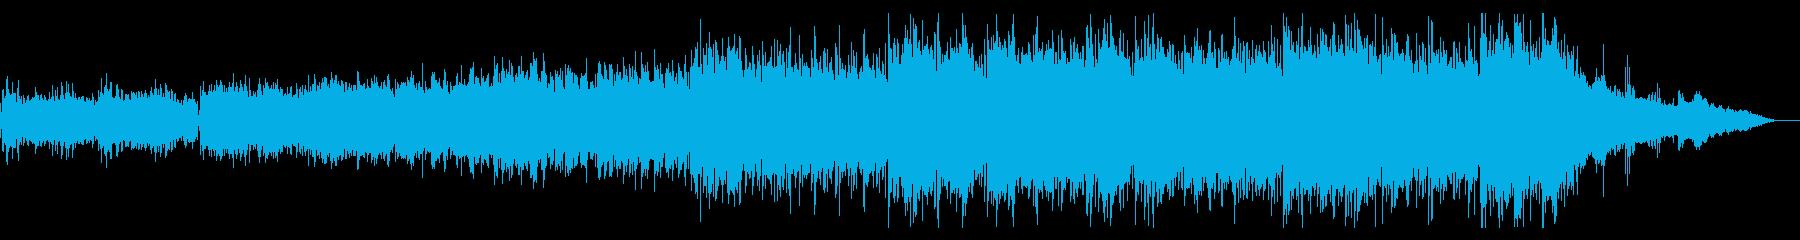 電子的でトライバルなエレクトロニカの再生済みの波形